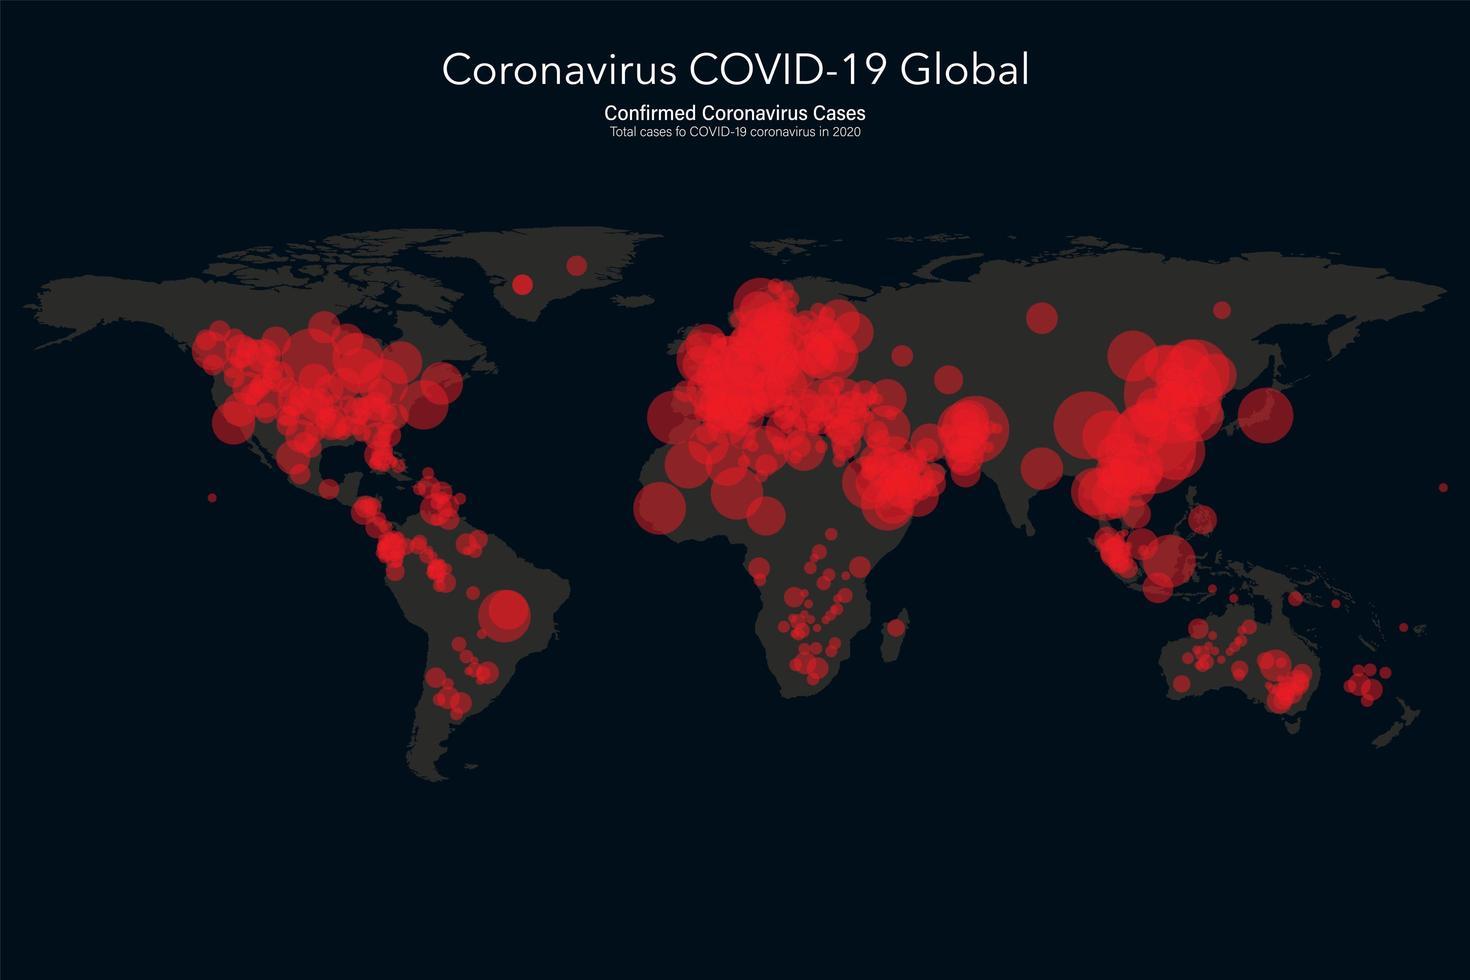 wereldkaart met coronavirus covid-19 bevestigde gevallen vector